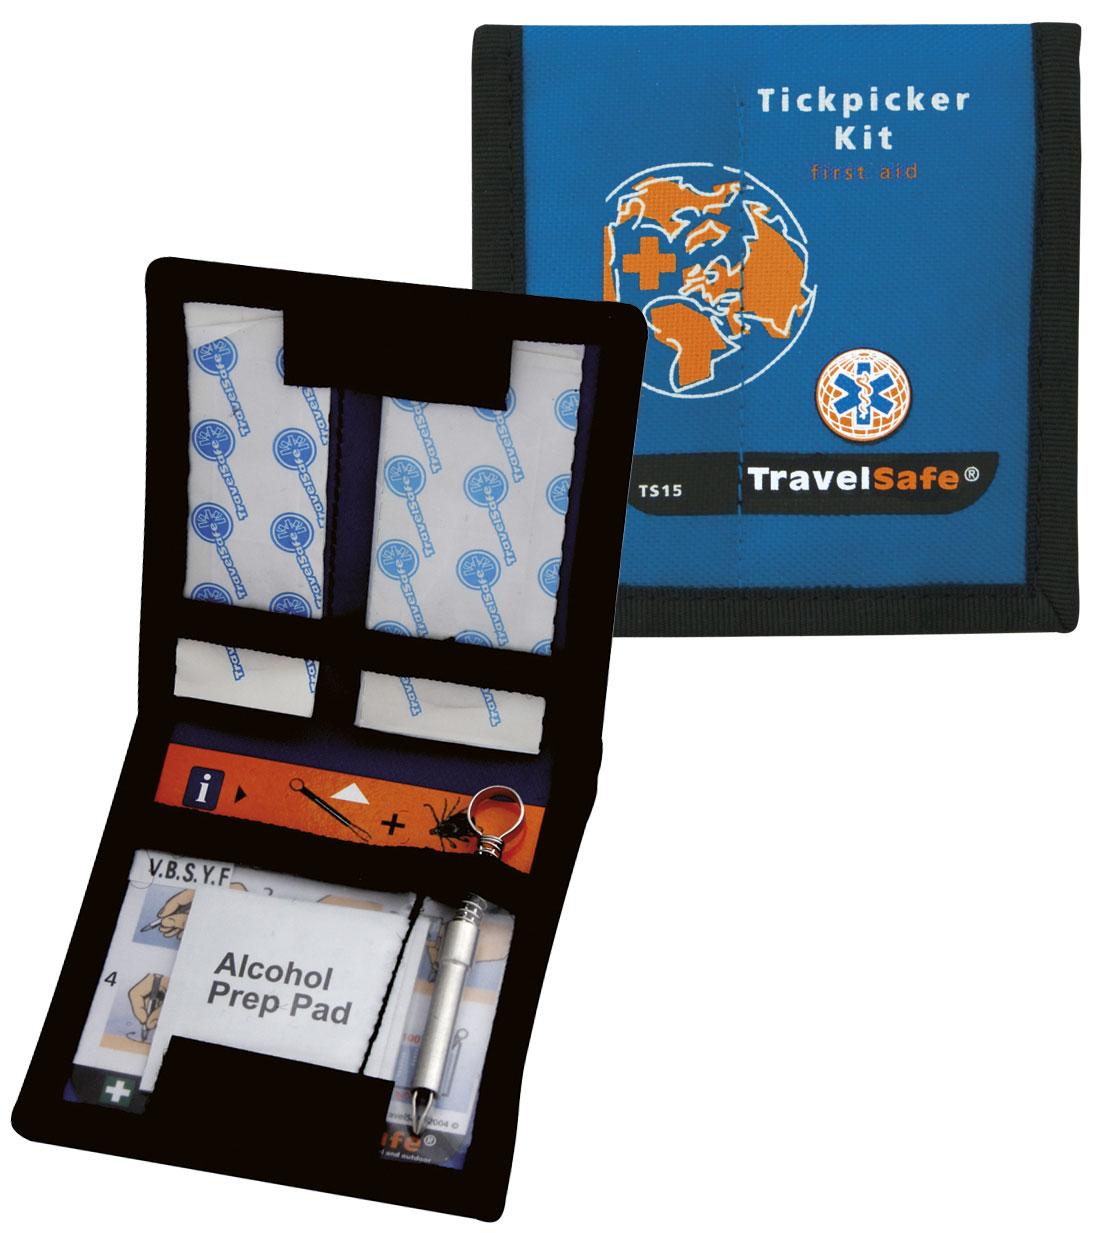 Tickpicker Kit